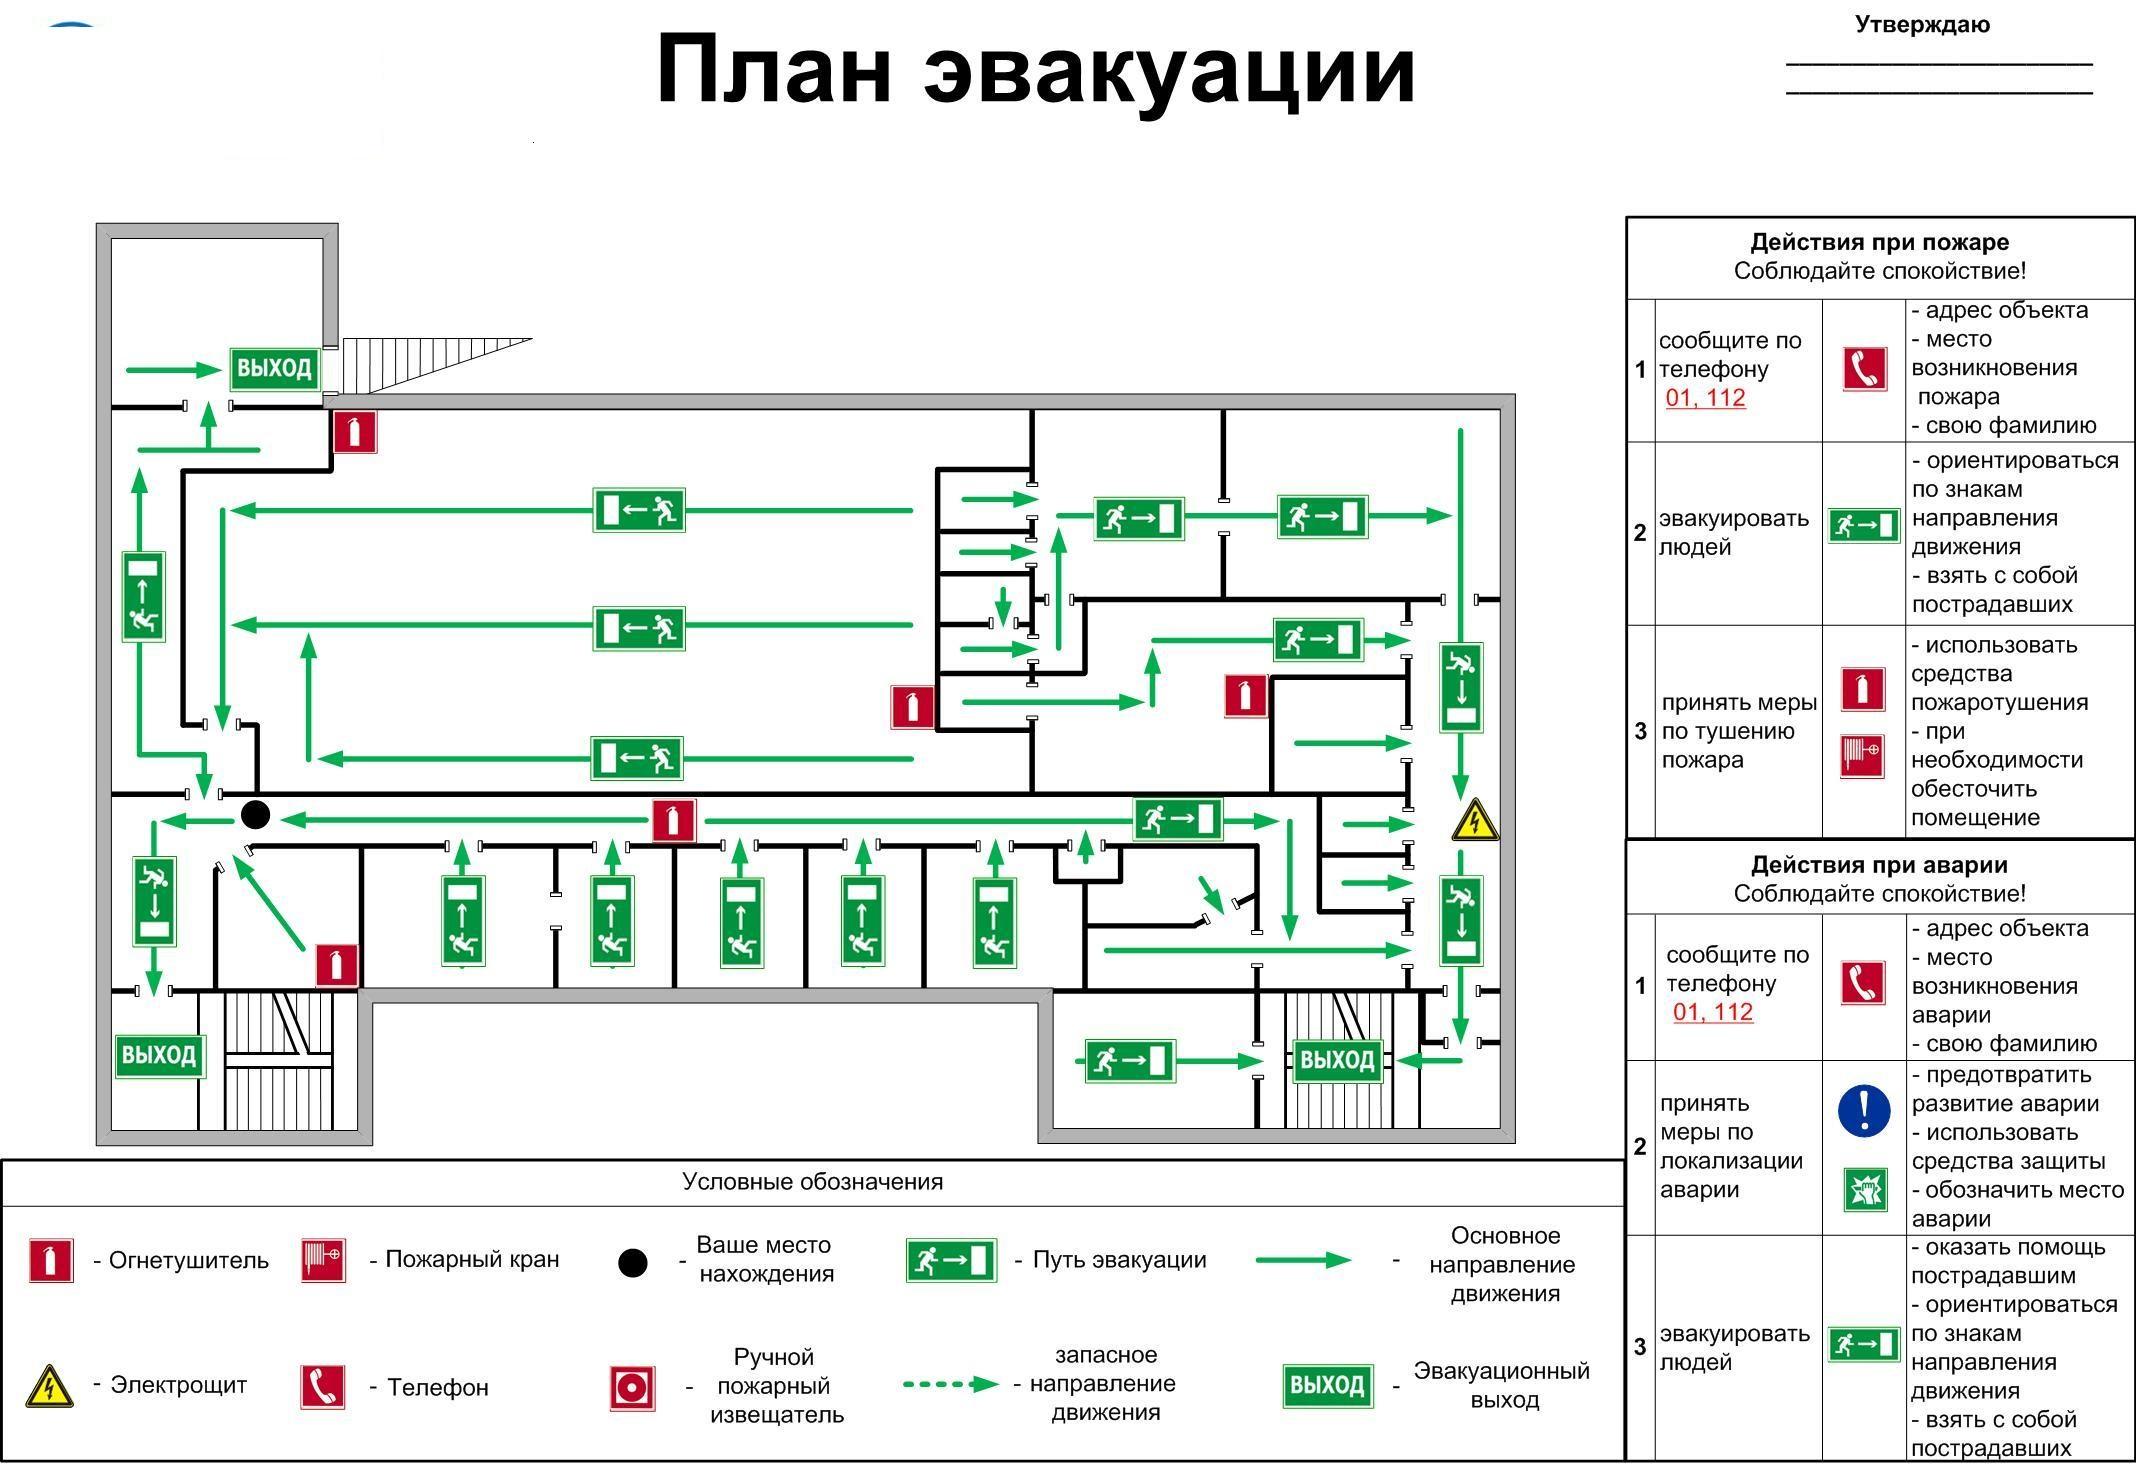 План тушения пожаров должен учитывать нормы по эвакуации. Тушение пожара может идти одновременно с эвакуацией.